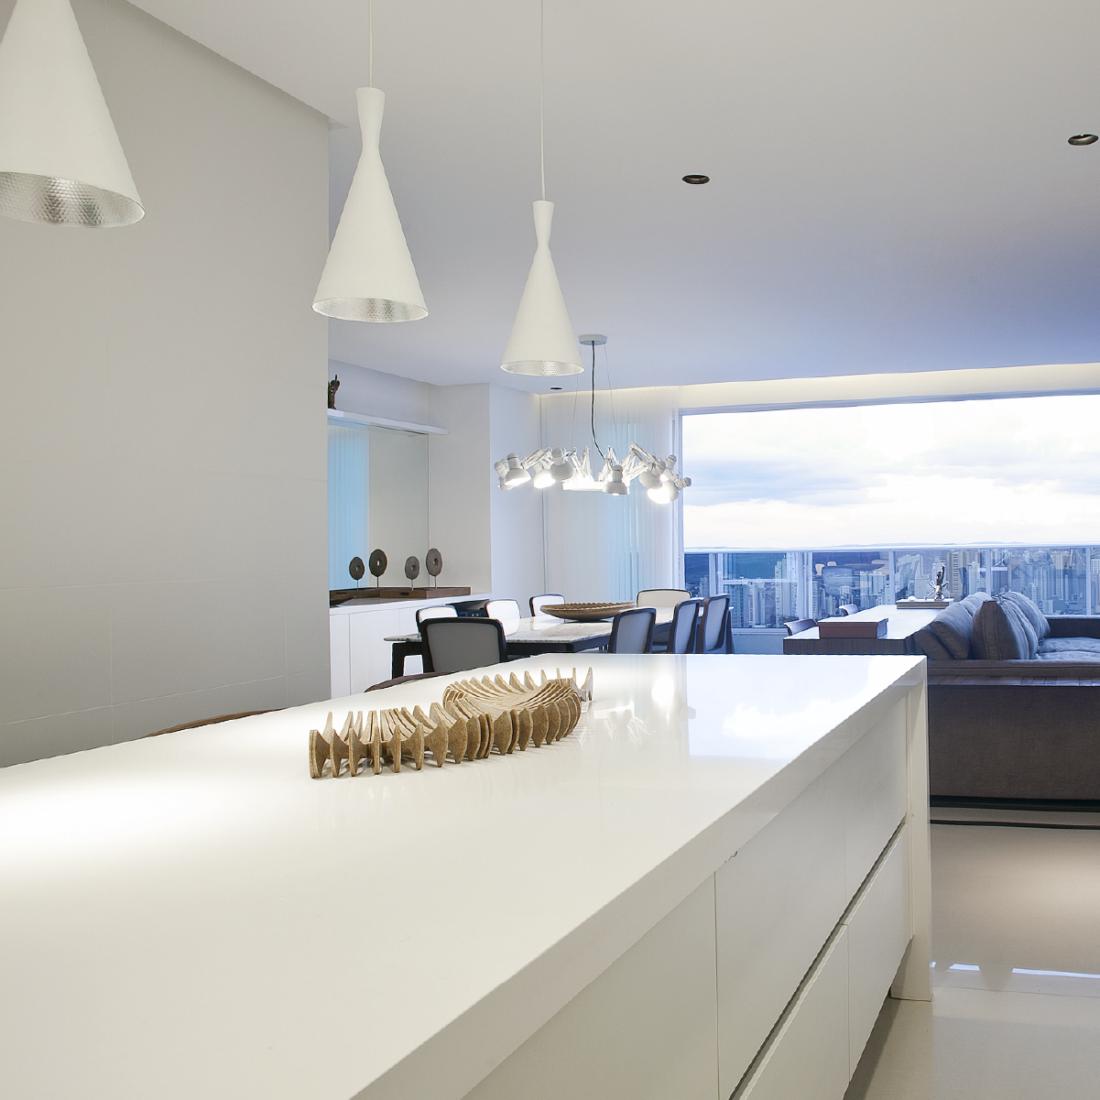 Image of Mesa de trabajo 7@2x in Kitchens - Cosentino